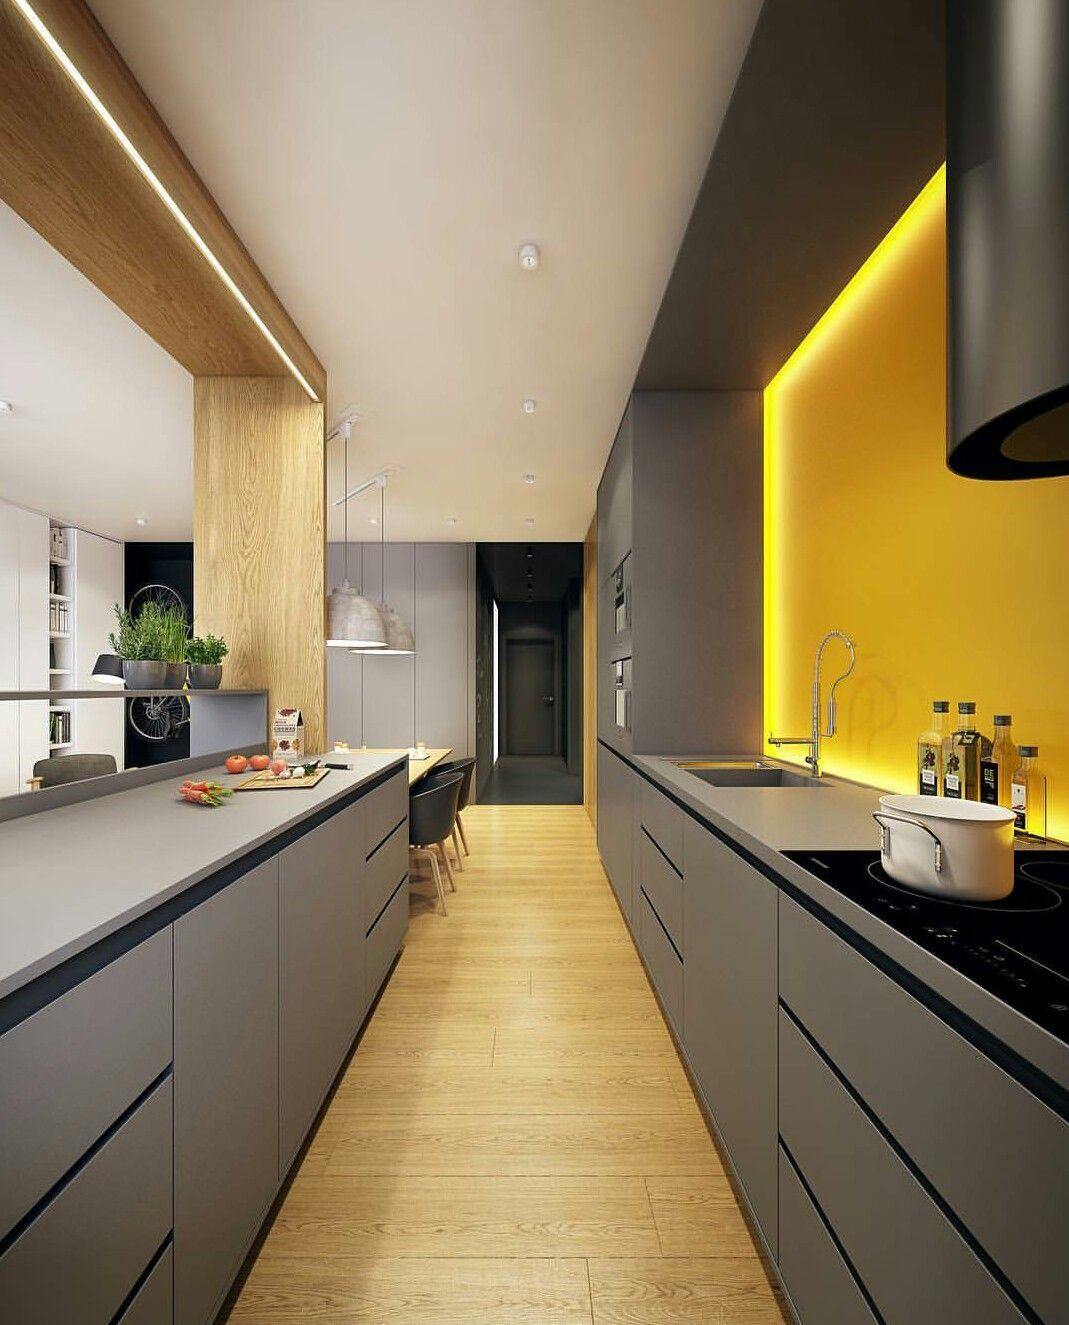 Cuisine Moderne Jaune un mur jaune lumineux dans cette cuisine très moderne | cuisines